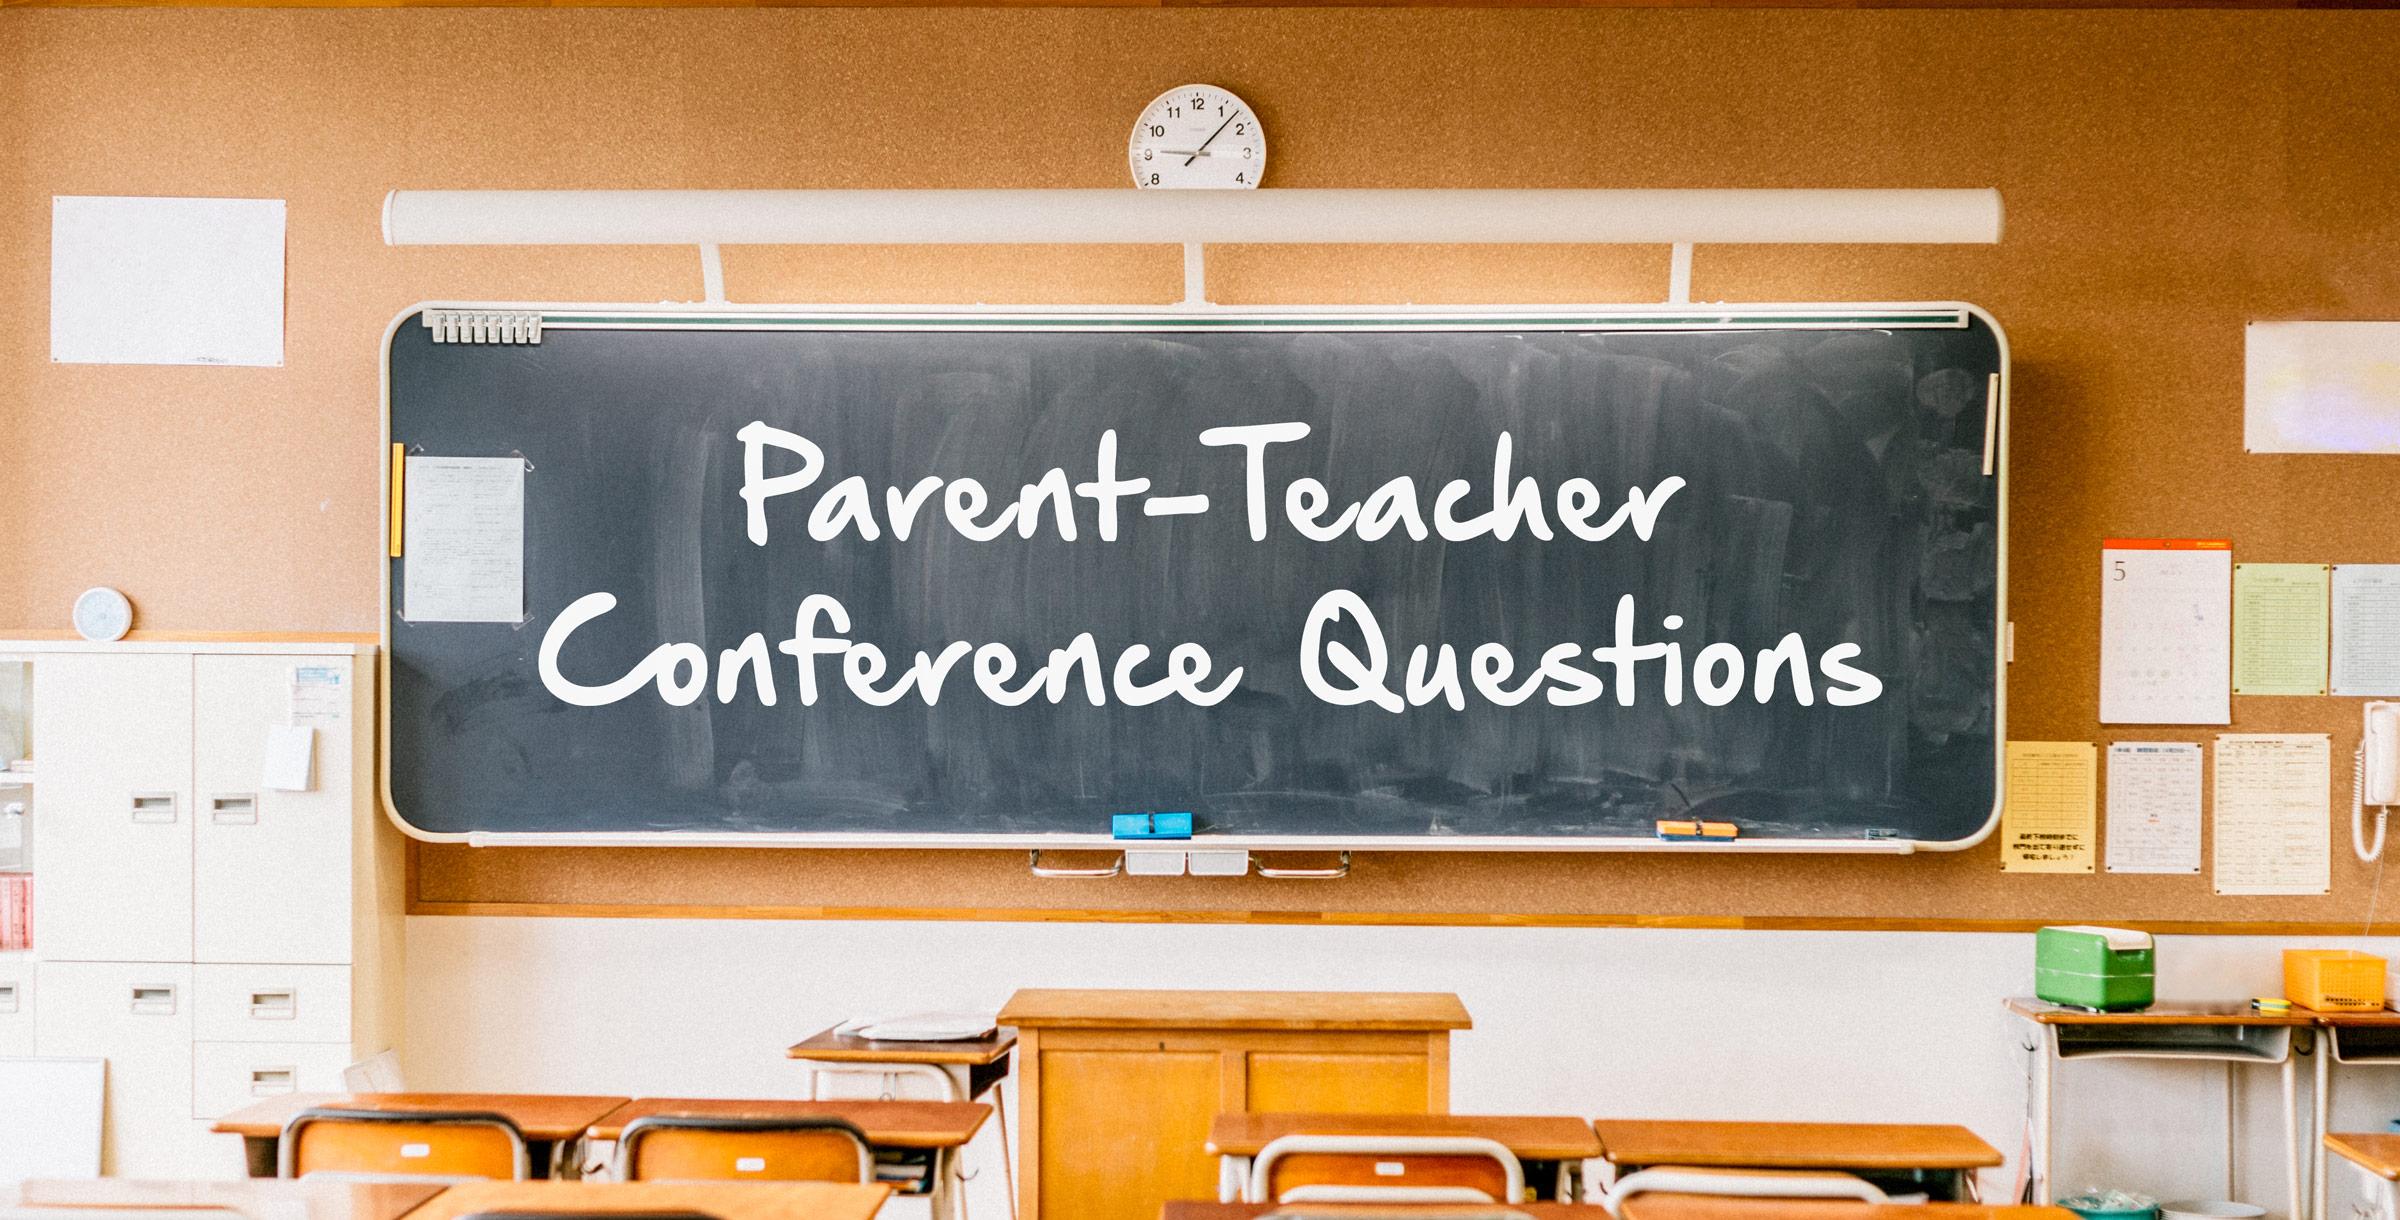 Parent-Teacher Conference Questions